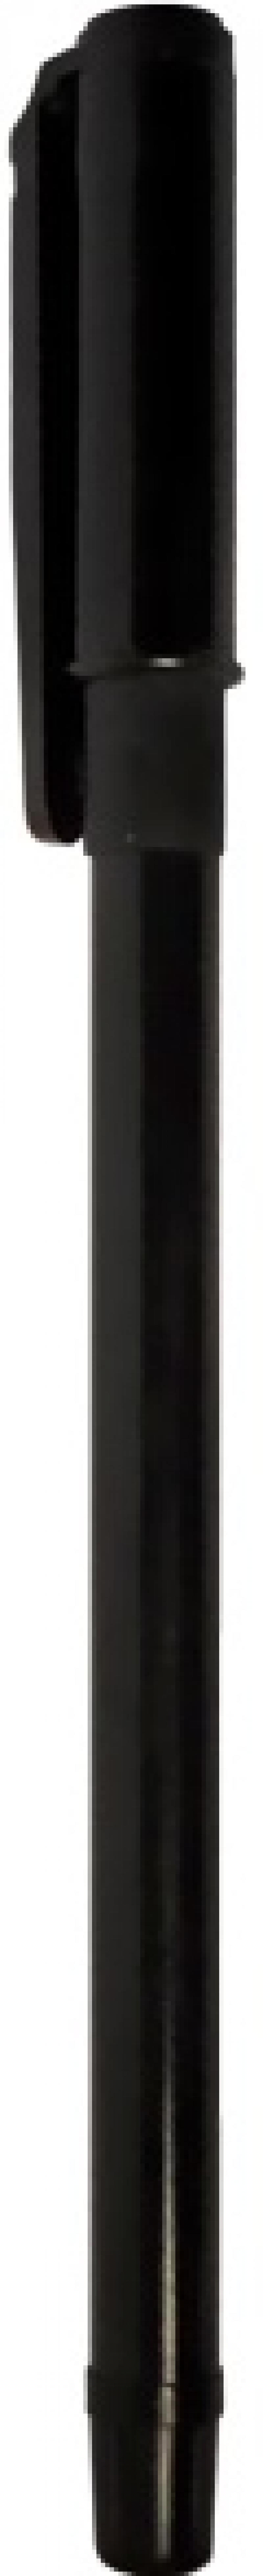 Шариковая ручка Index Sigma черный 0.7 мм IBP504/BK масляные чернила IBP504/BK ручка шариковая alpha grip 0 7мм масляные чернила черная